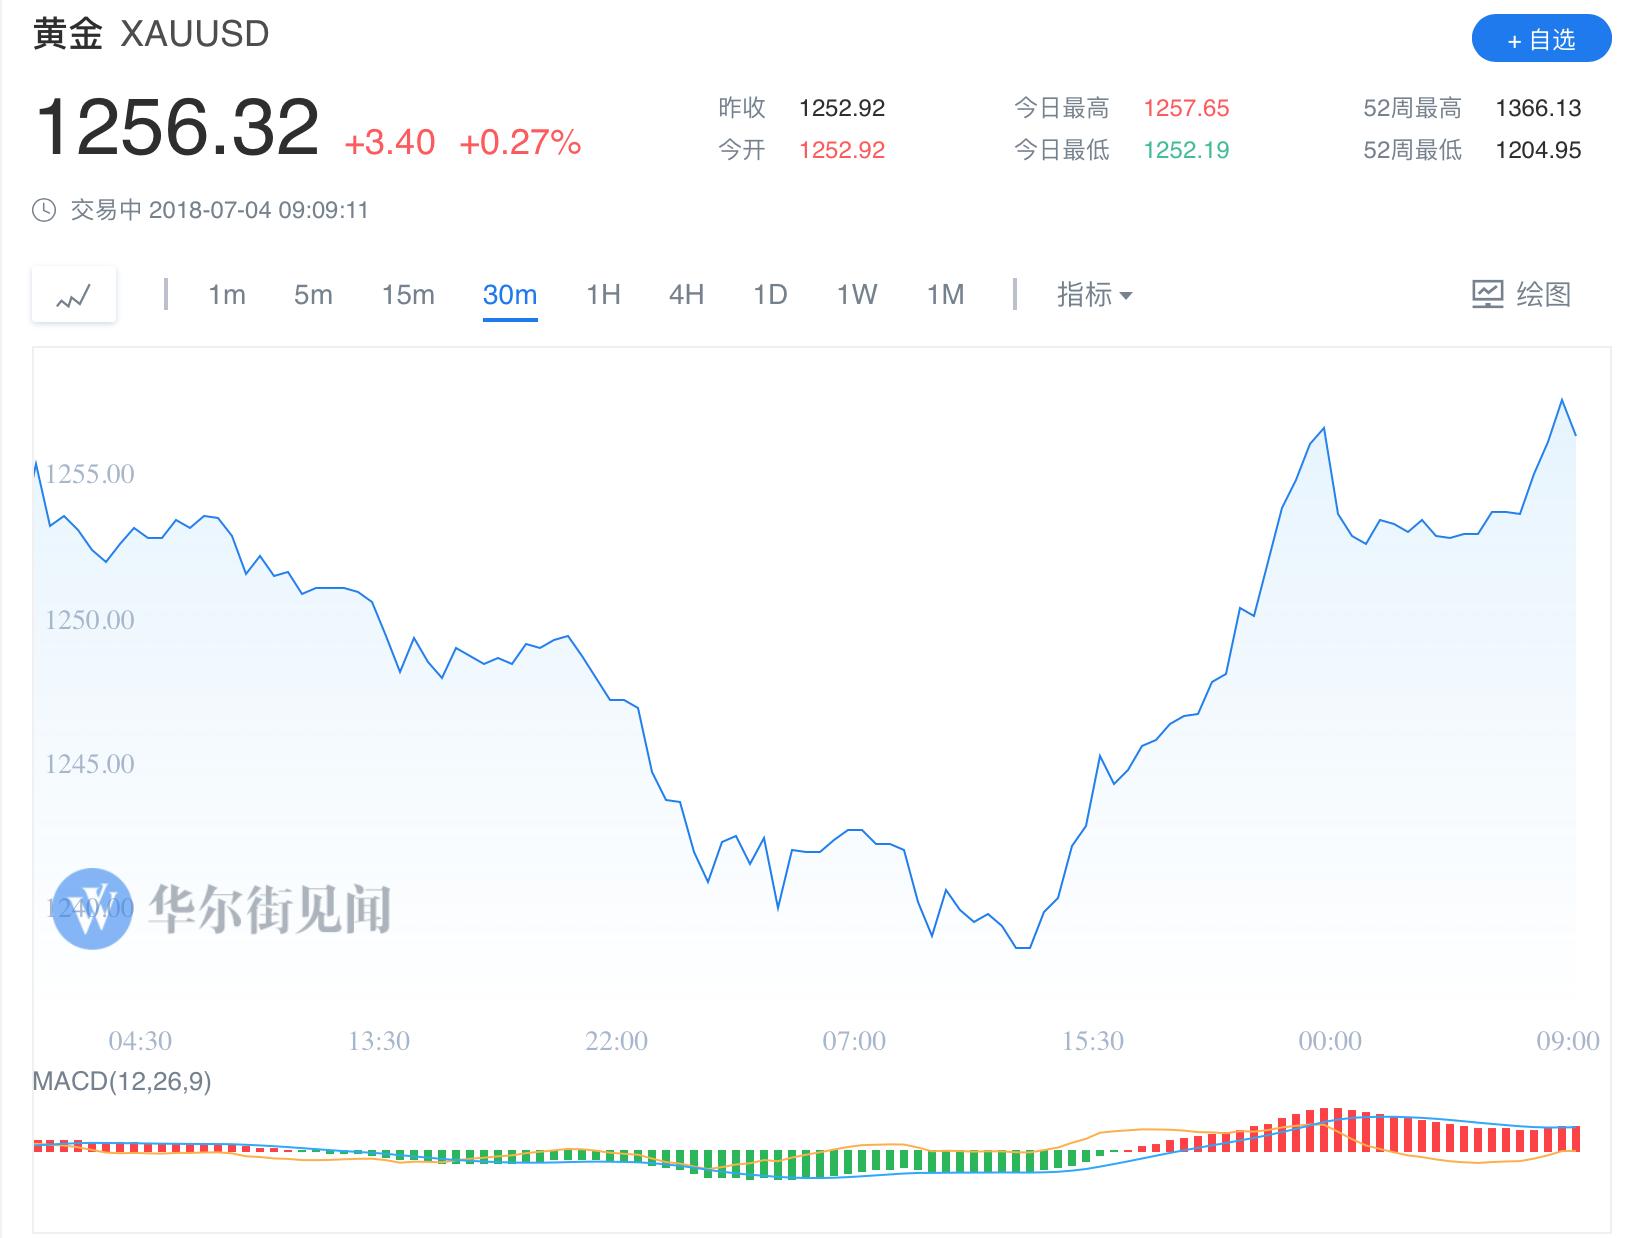 黄金抛售潮尚未结束 黄金还会继续下跌吗?